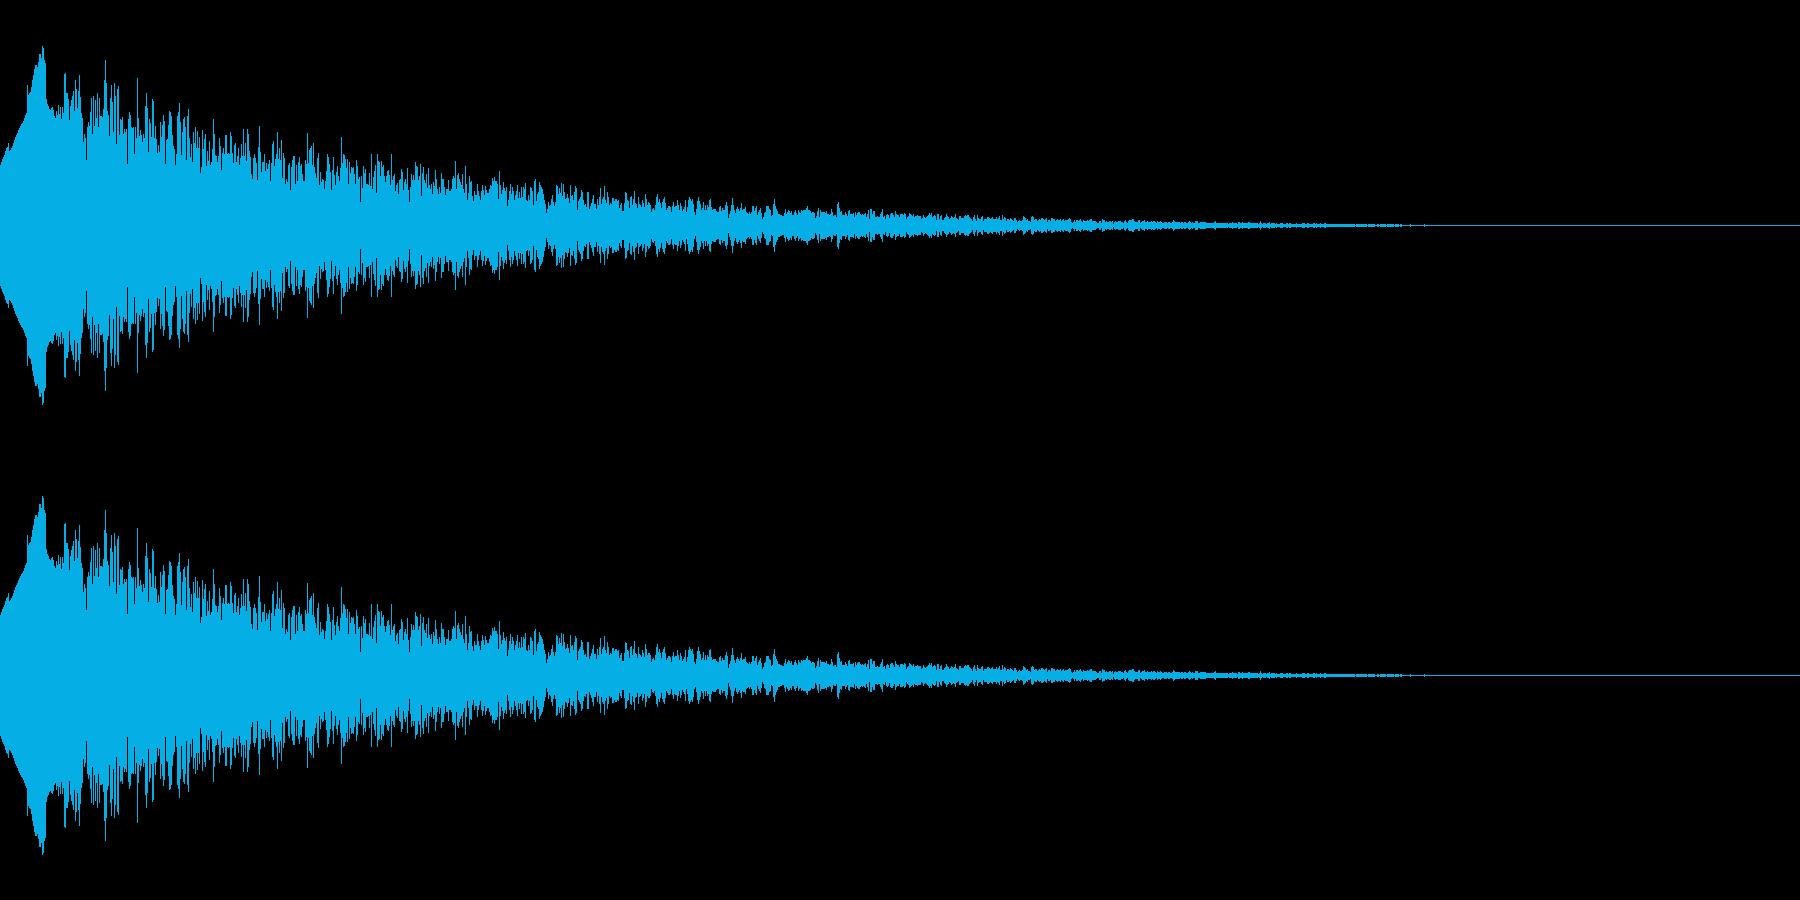 流れ星のような効果音(キラキラ/下降系)の再生済みの波形